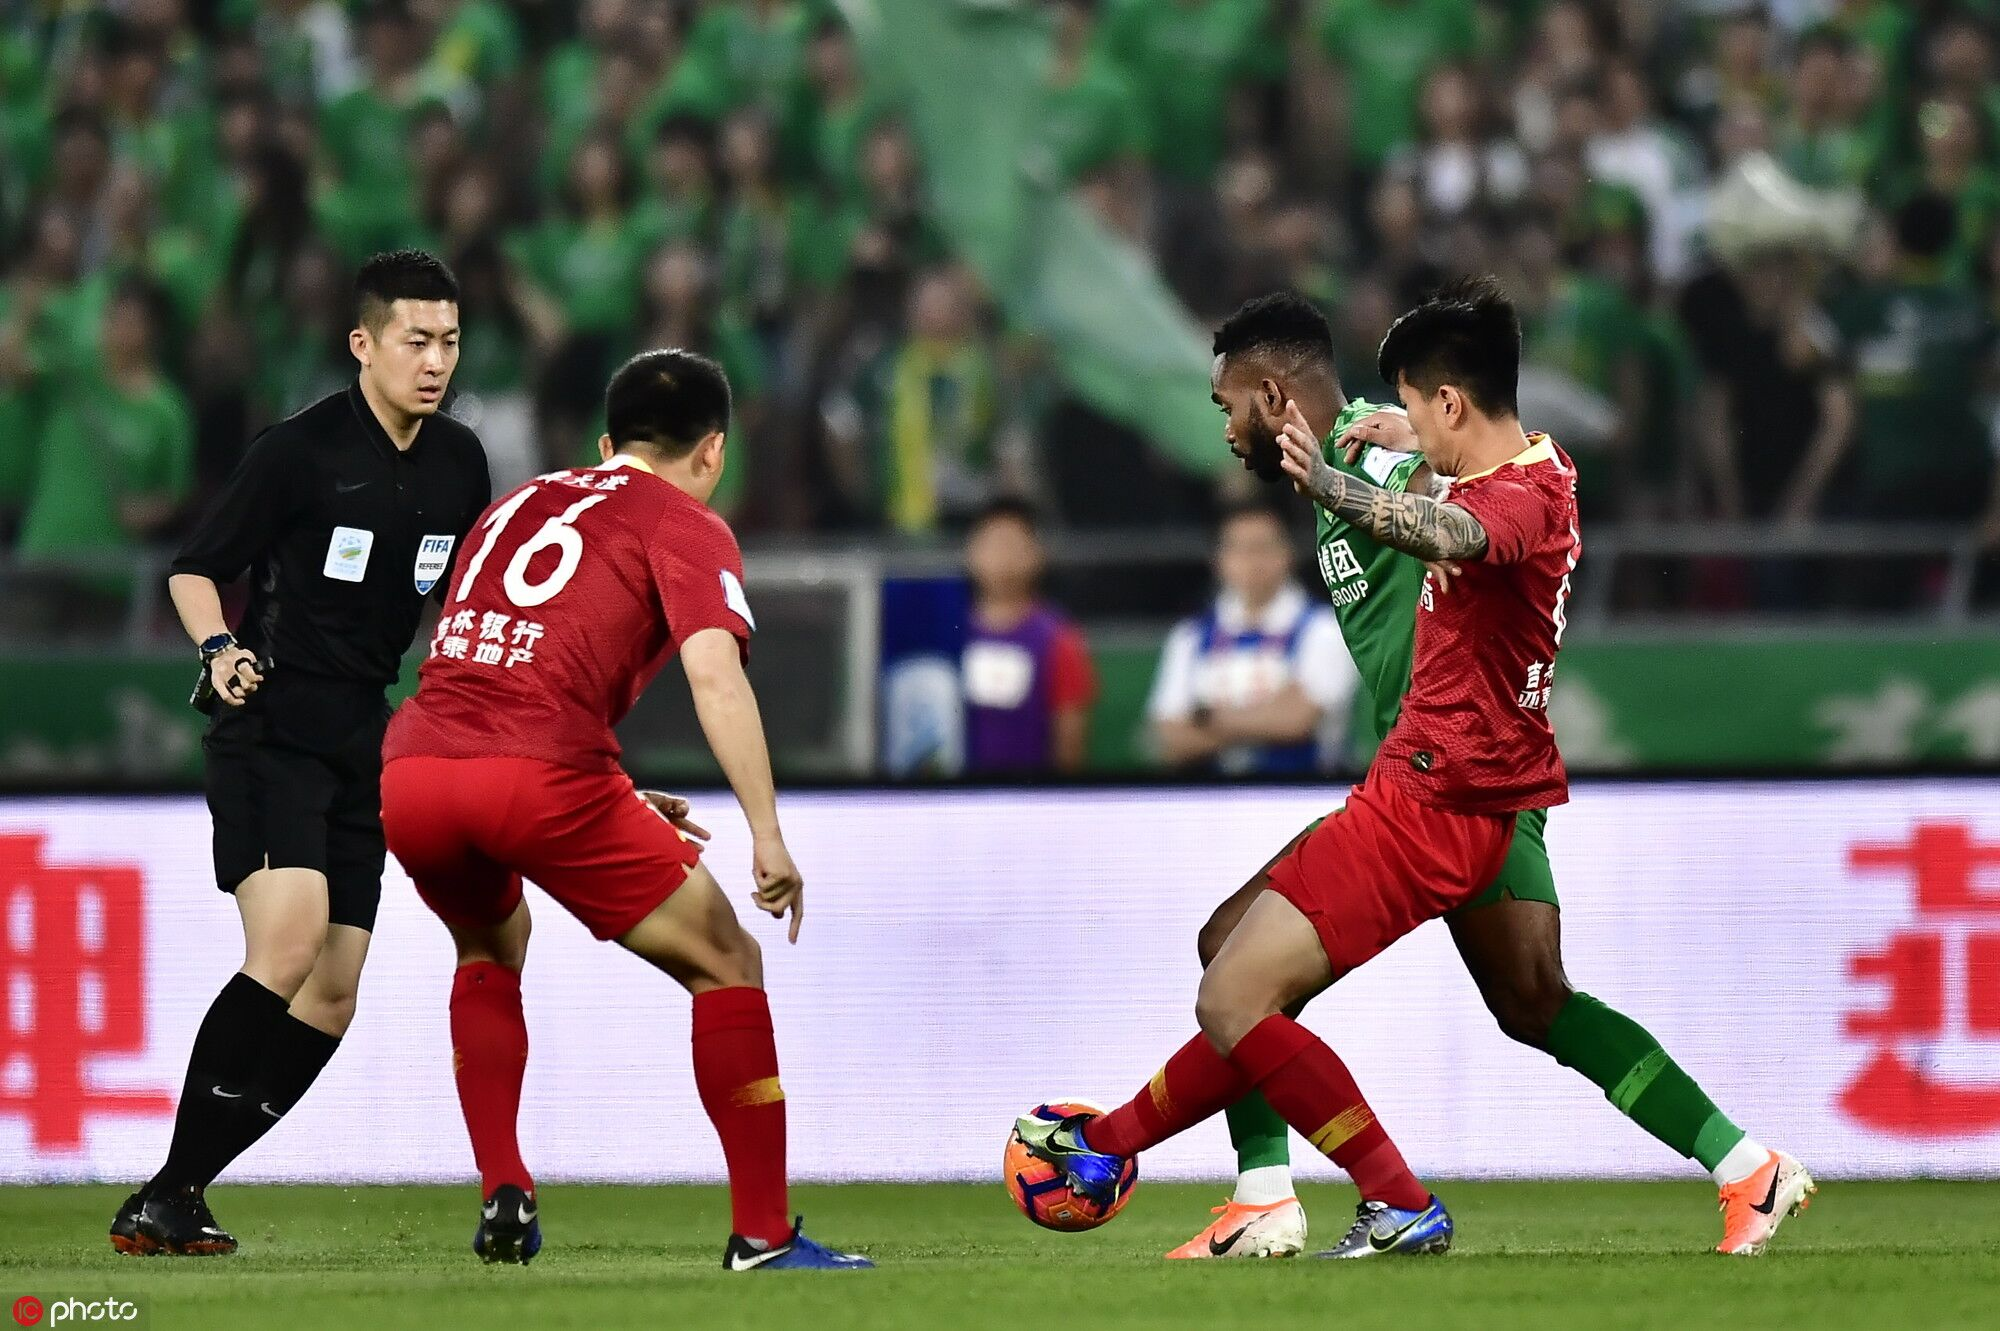 足协杯:侯永永于洋巴坎布破门,国安3-1亚泰